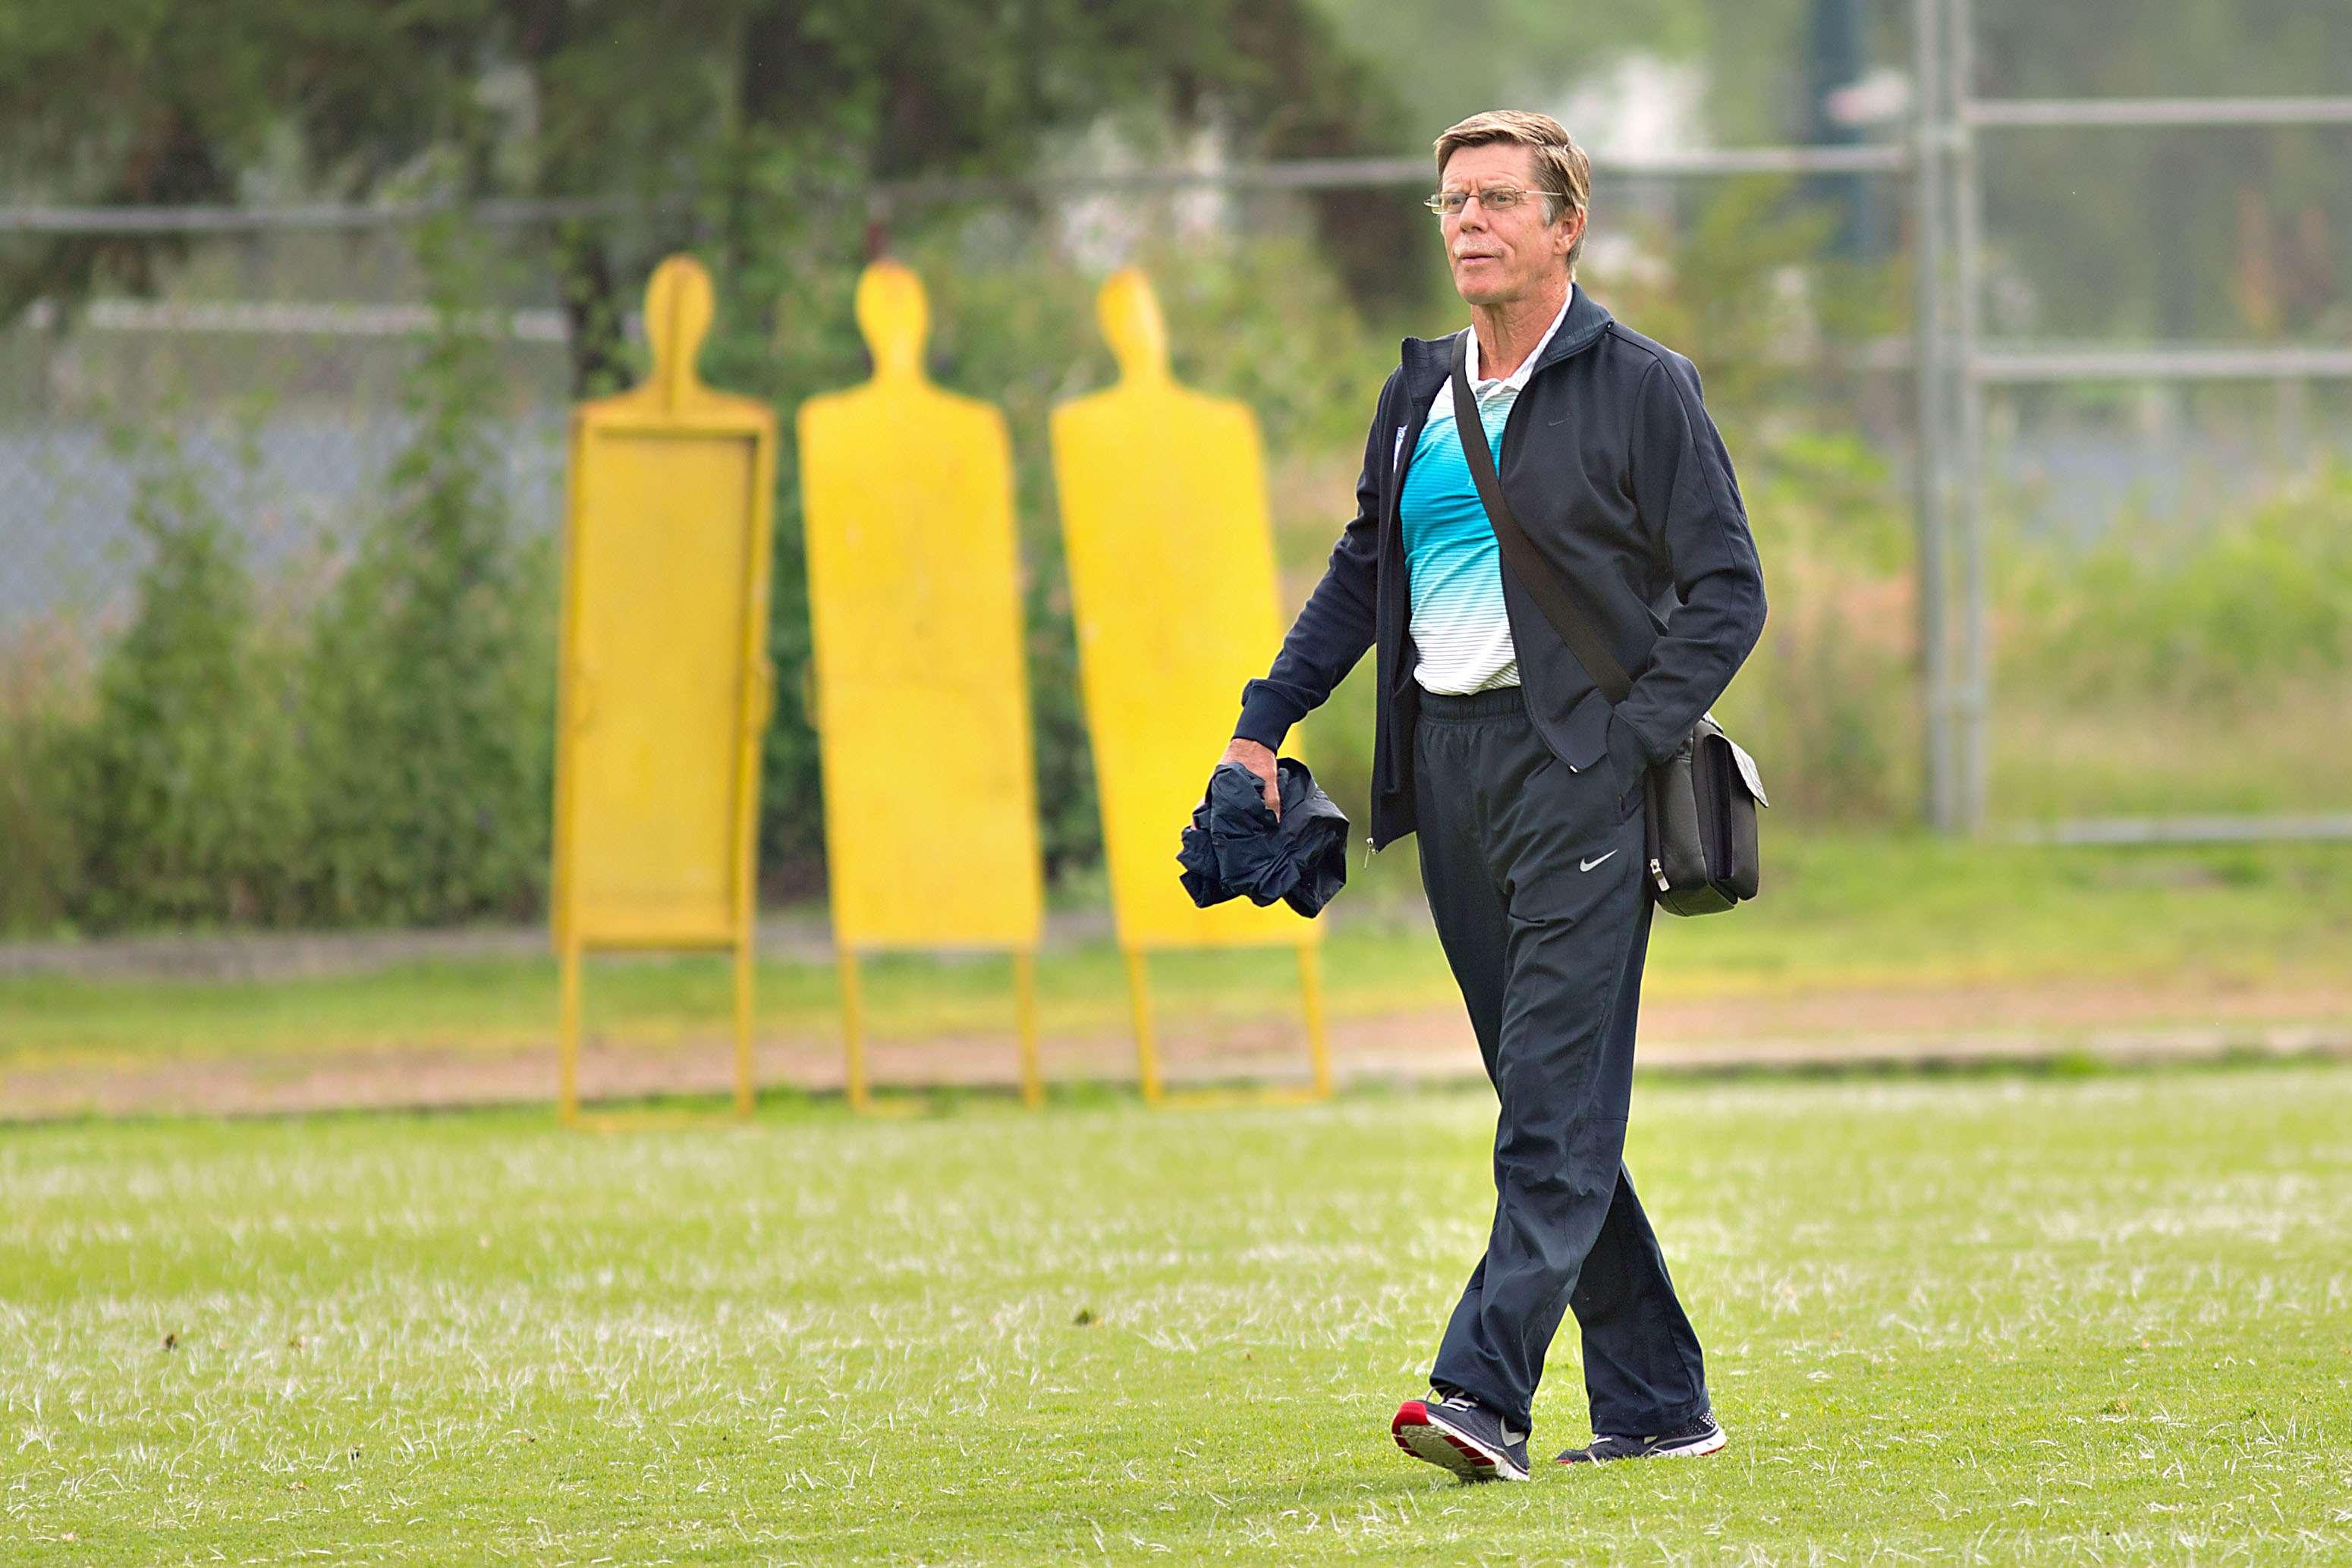 Hans Westerhof podría tener una tercera oportunidad de dirigir a las Chivas. Foto: Imago 7